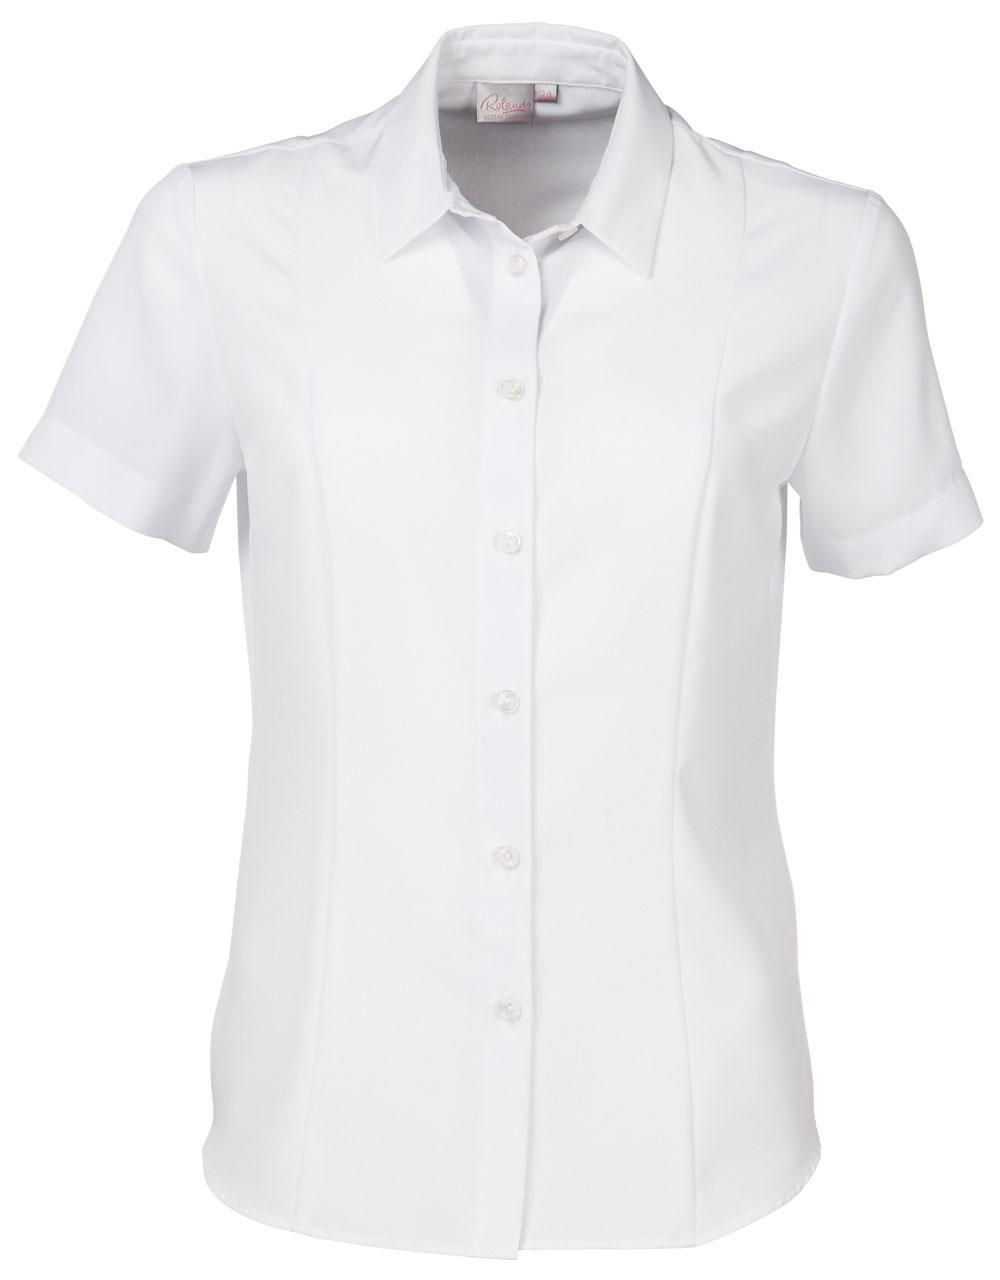 Zoe K225 S/s Blouse - White